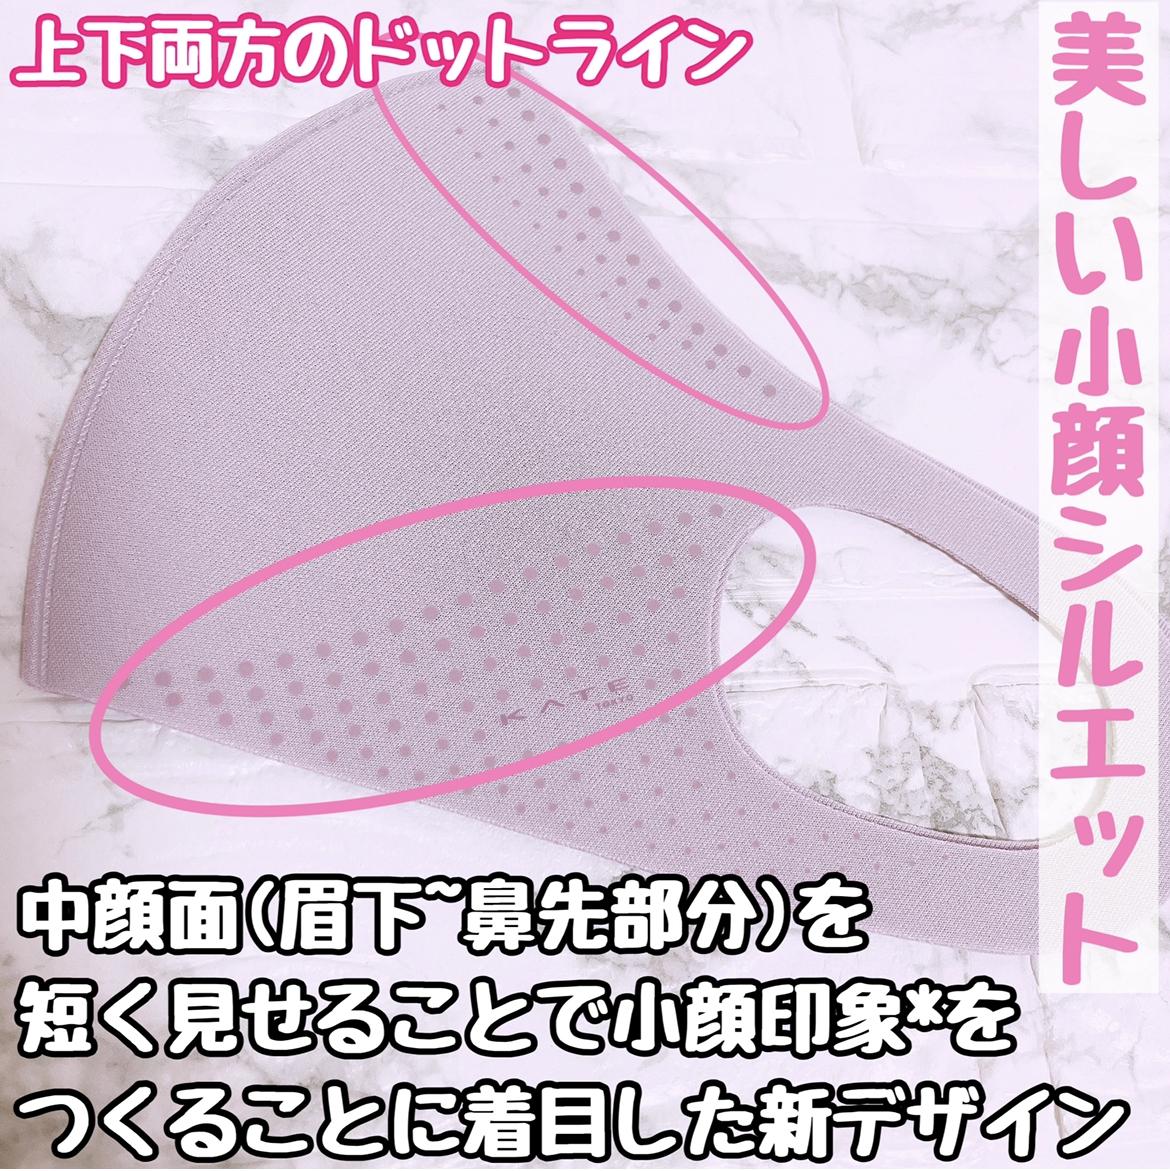 もうGetした?第1弾は即完売の人気マスク。待望の第2弾が♡KATE【小顔シルエットマスク】_3